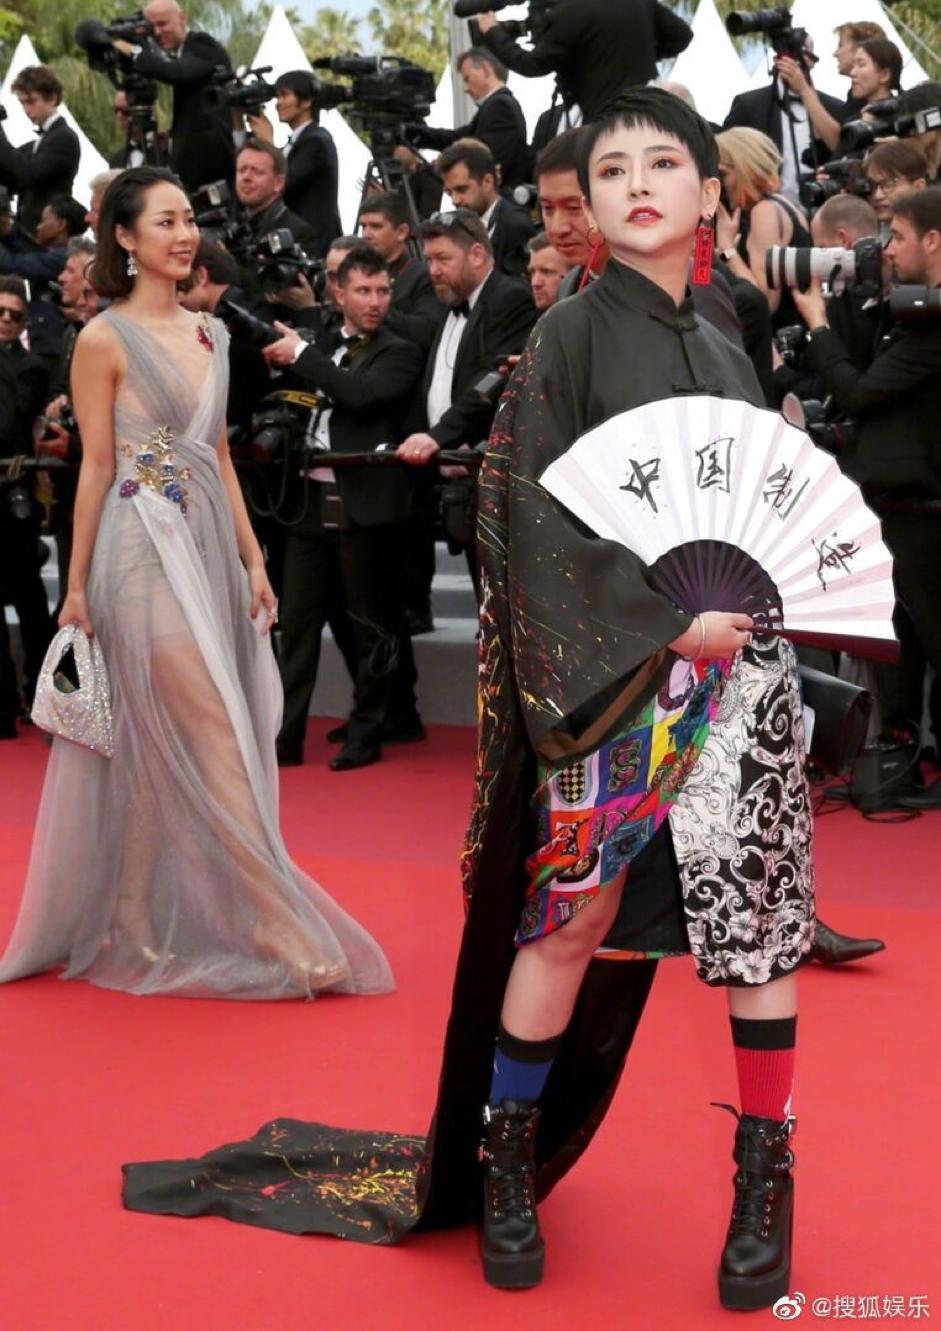 Nhìn thảm đỏ LHP Cannes lố lăng năm nay, chỉ muốn thốt lên: Phạm Băng Băng trốn thuế nhưng vẫn chưa chết nha mấy chế! - Ảnh 2.